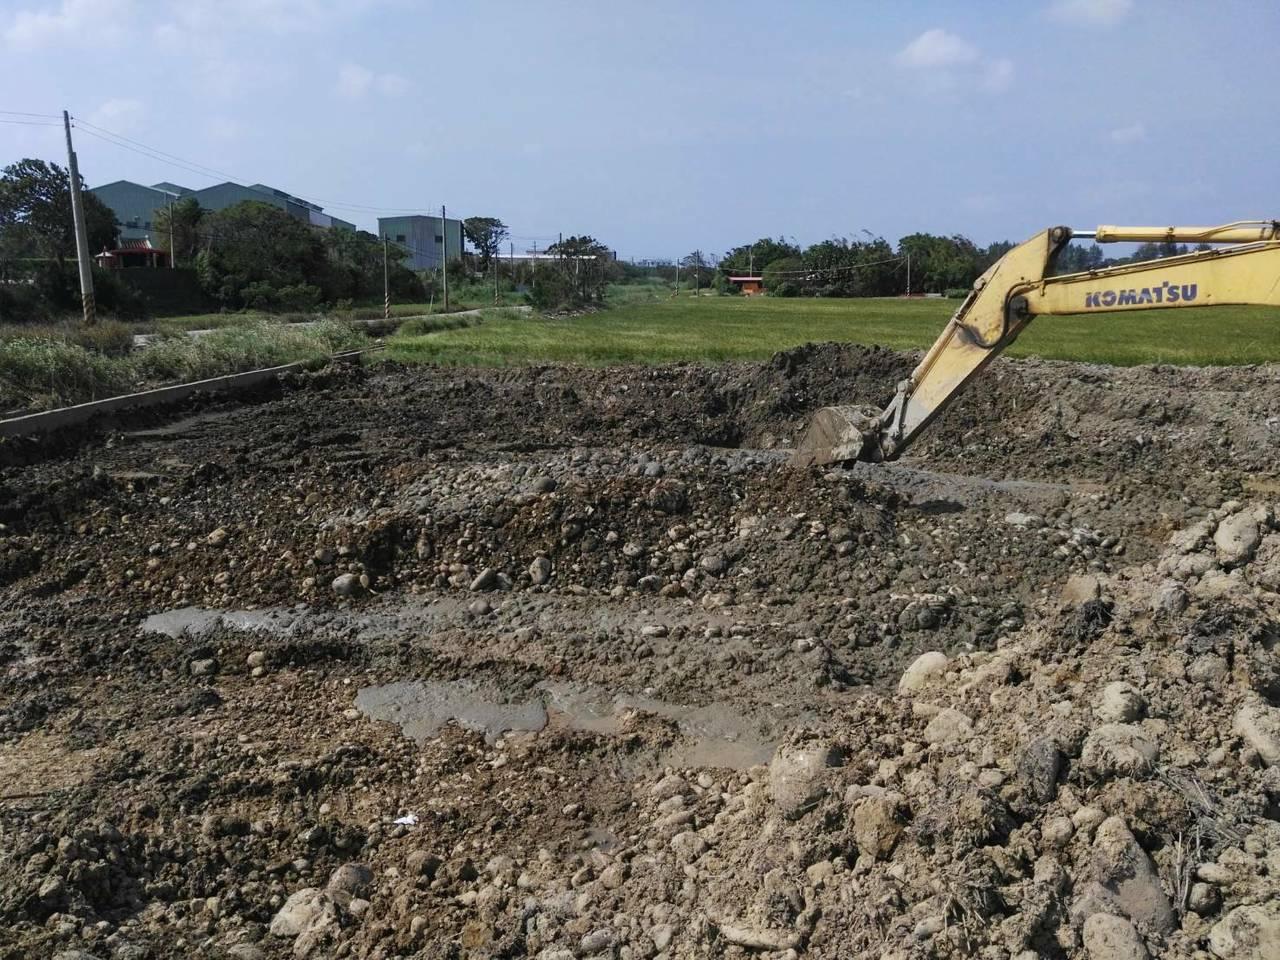 怪手假借整理農地,卻偷挖乾淨土石。記者郭宣彣/翻攝